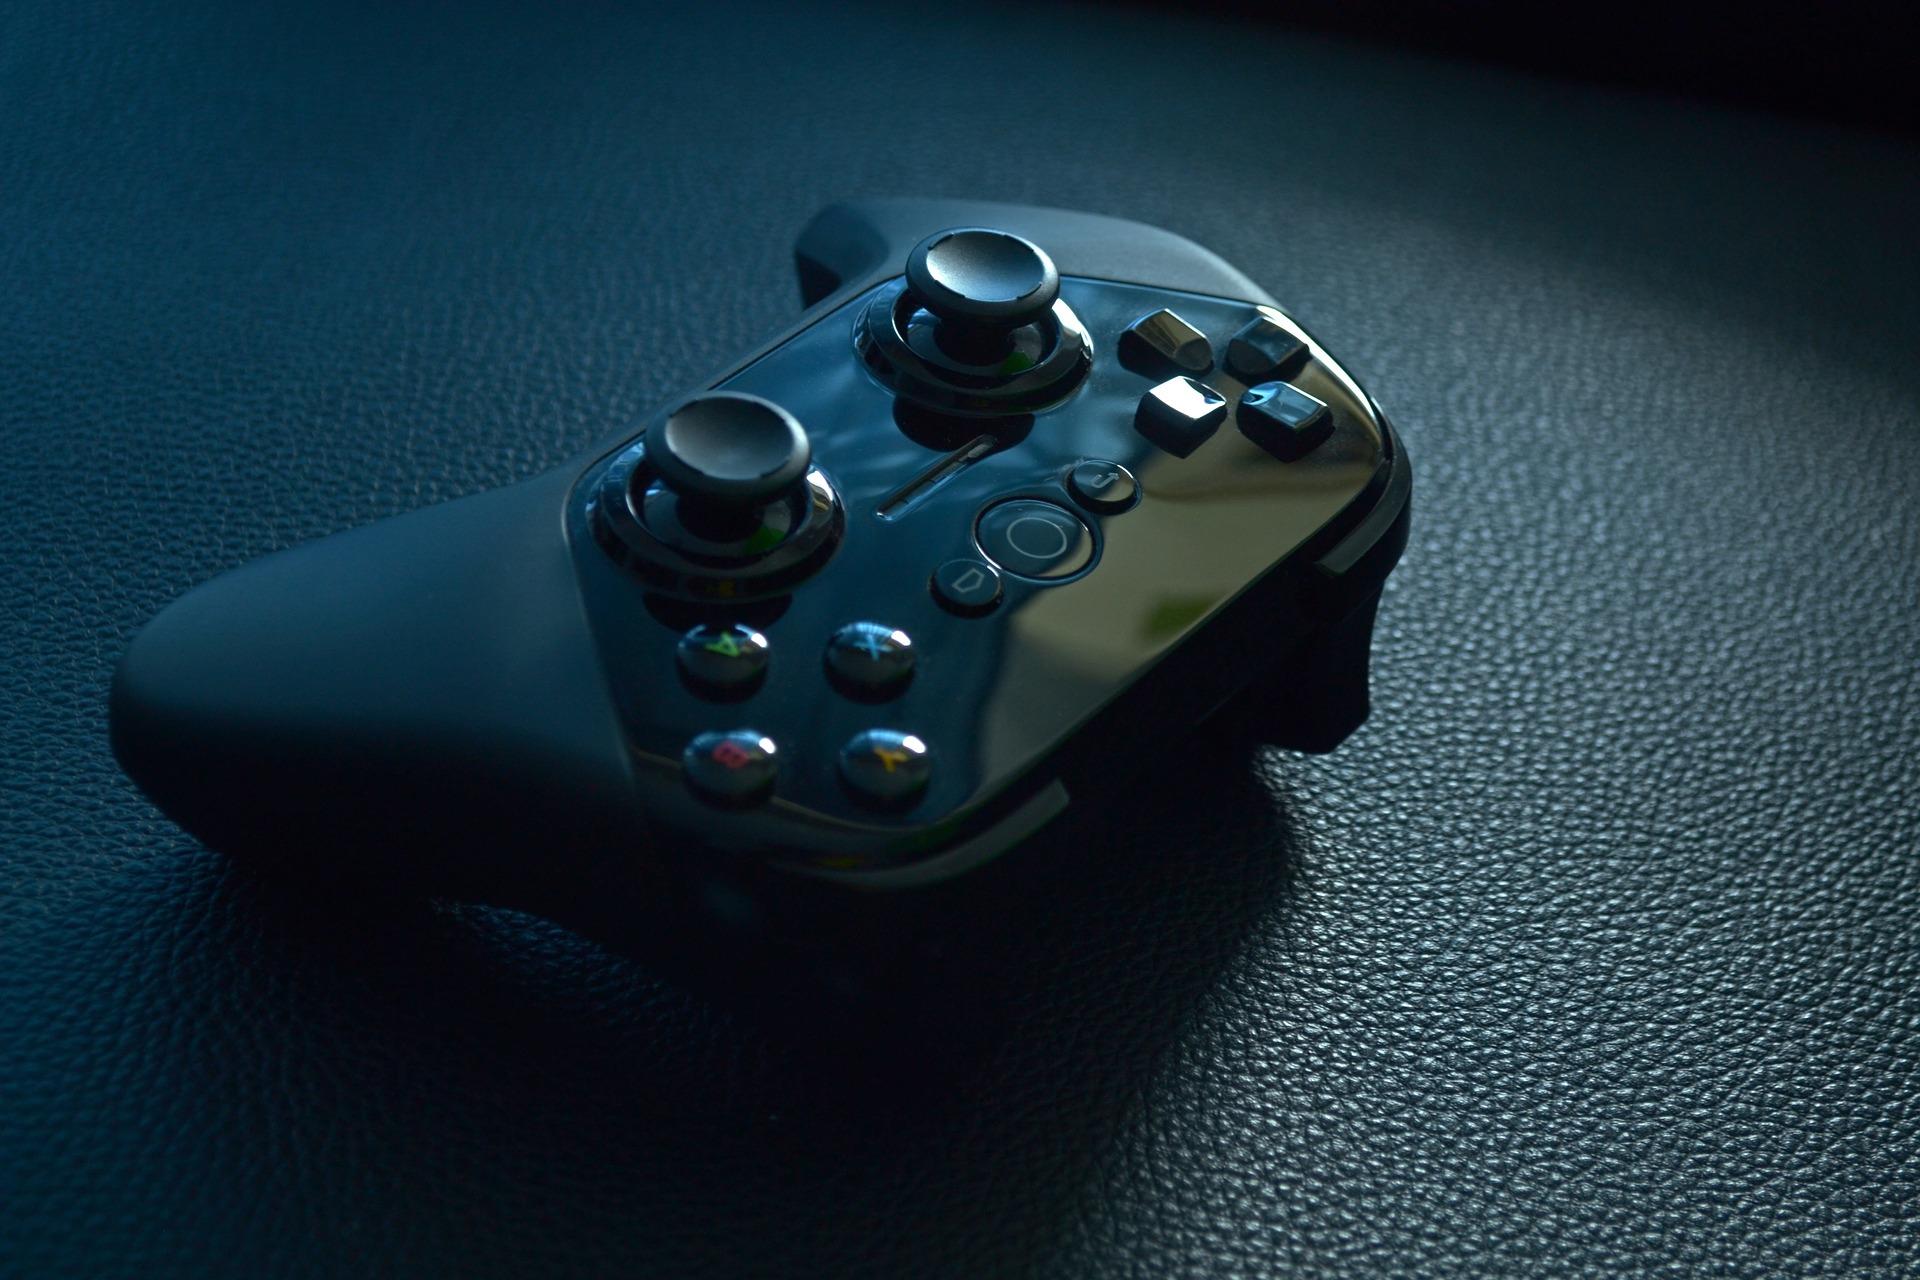 Imagem mostra um gamepad em destaque.